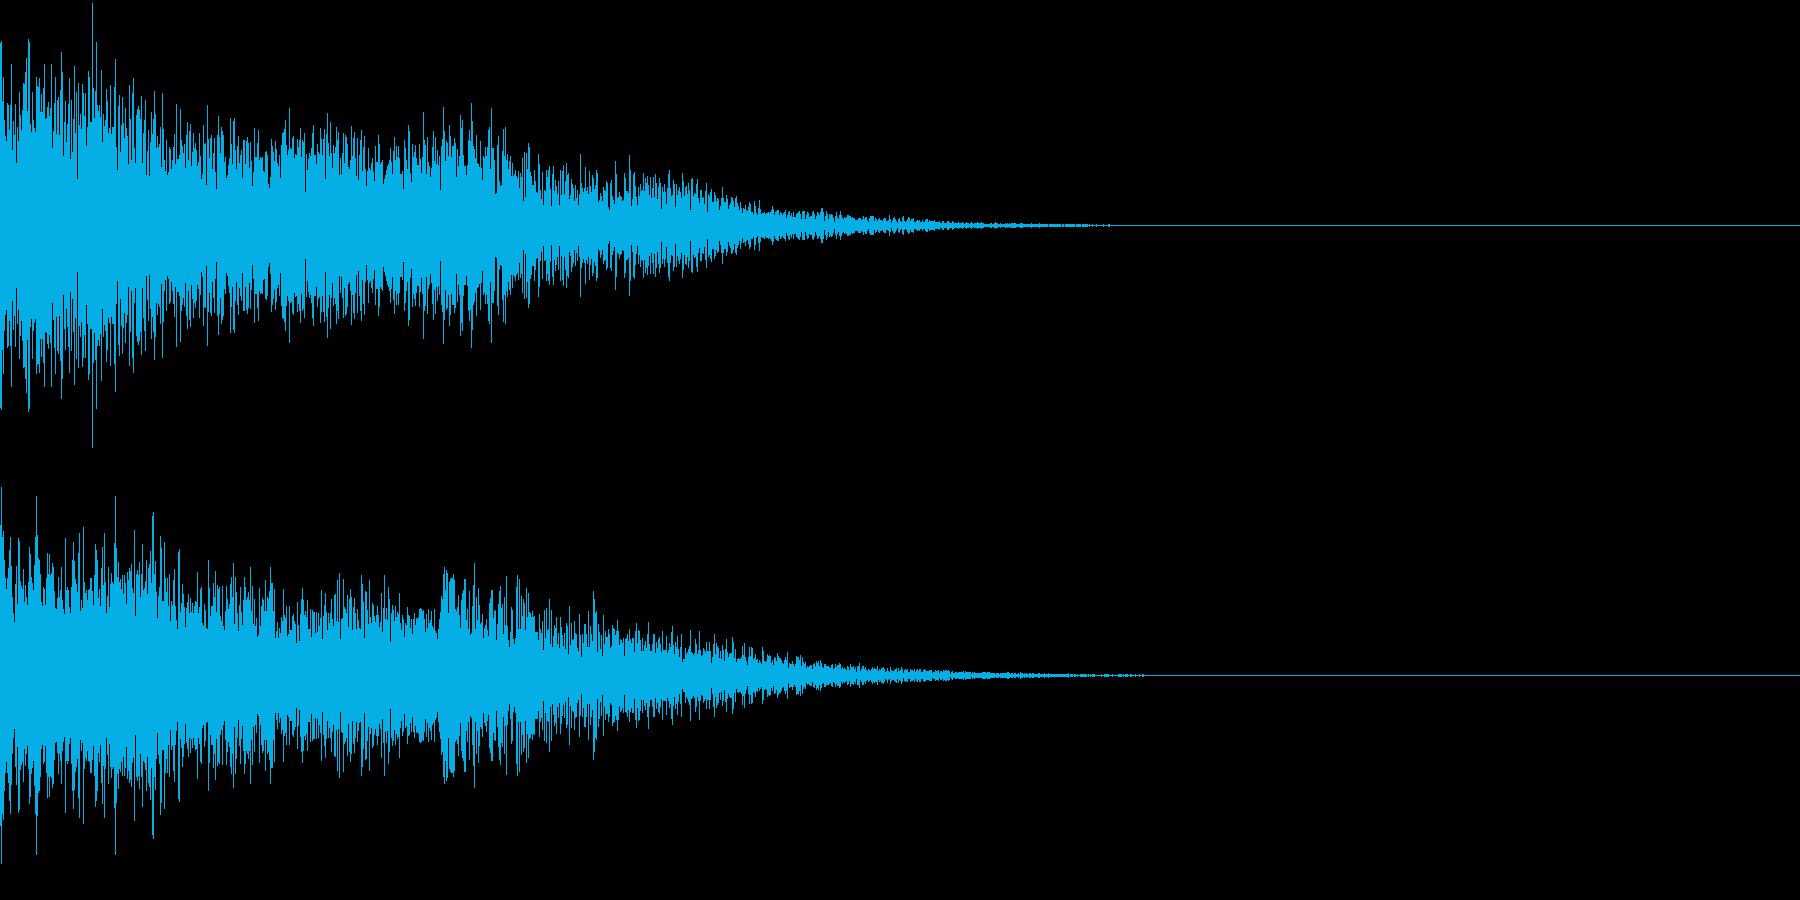 衝撃 金属音 恐怖 震撼 ホラー 01の再生済みの波形